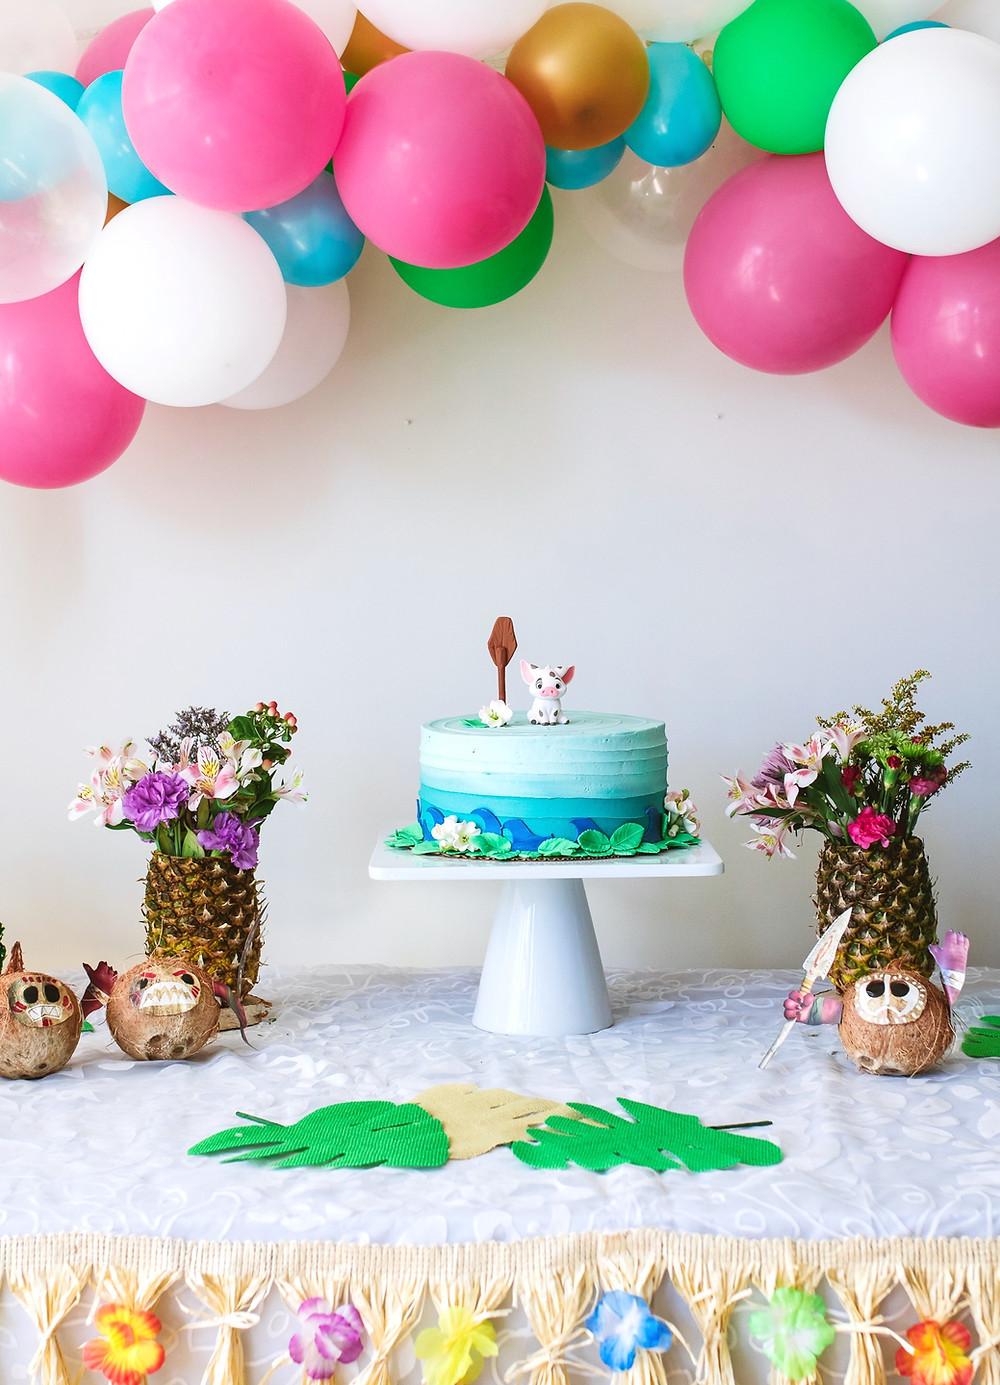 A Moana birthday party table set up with a moana themed cake and a Hawaiian balloon garland.